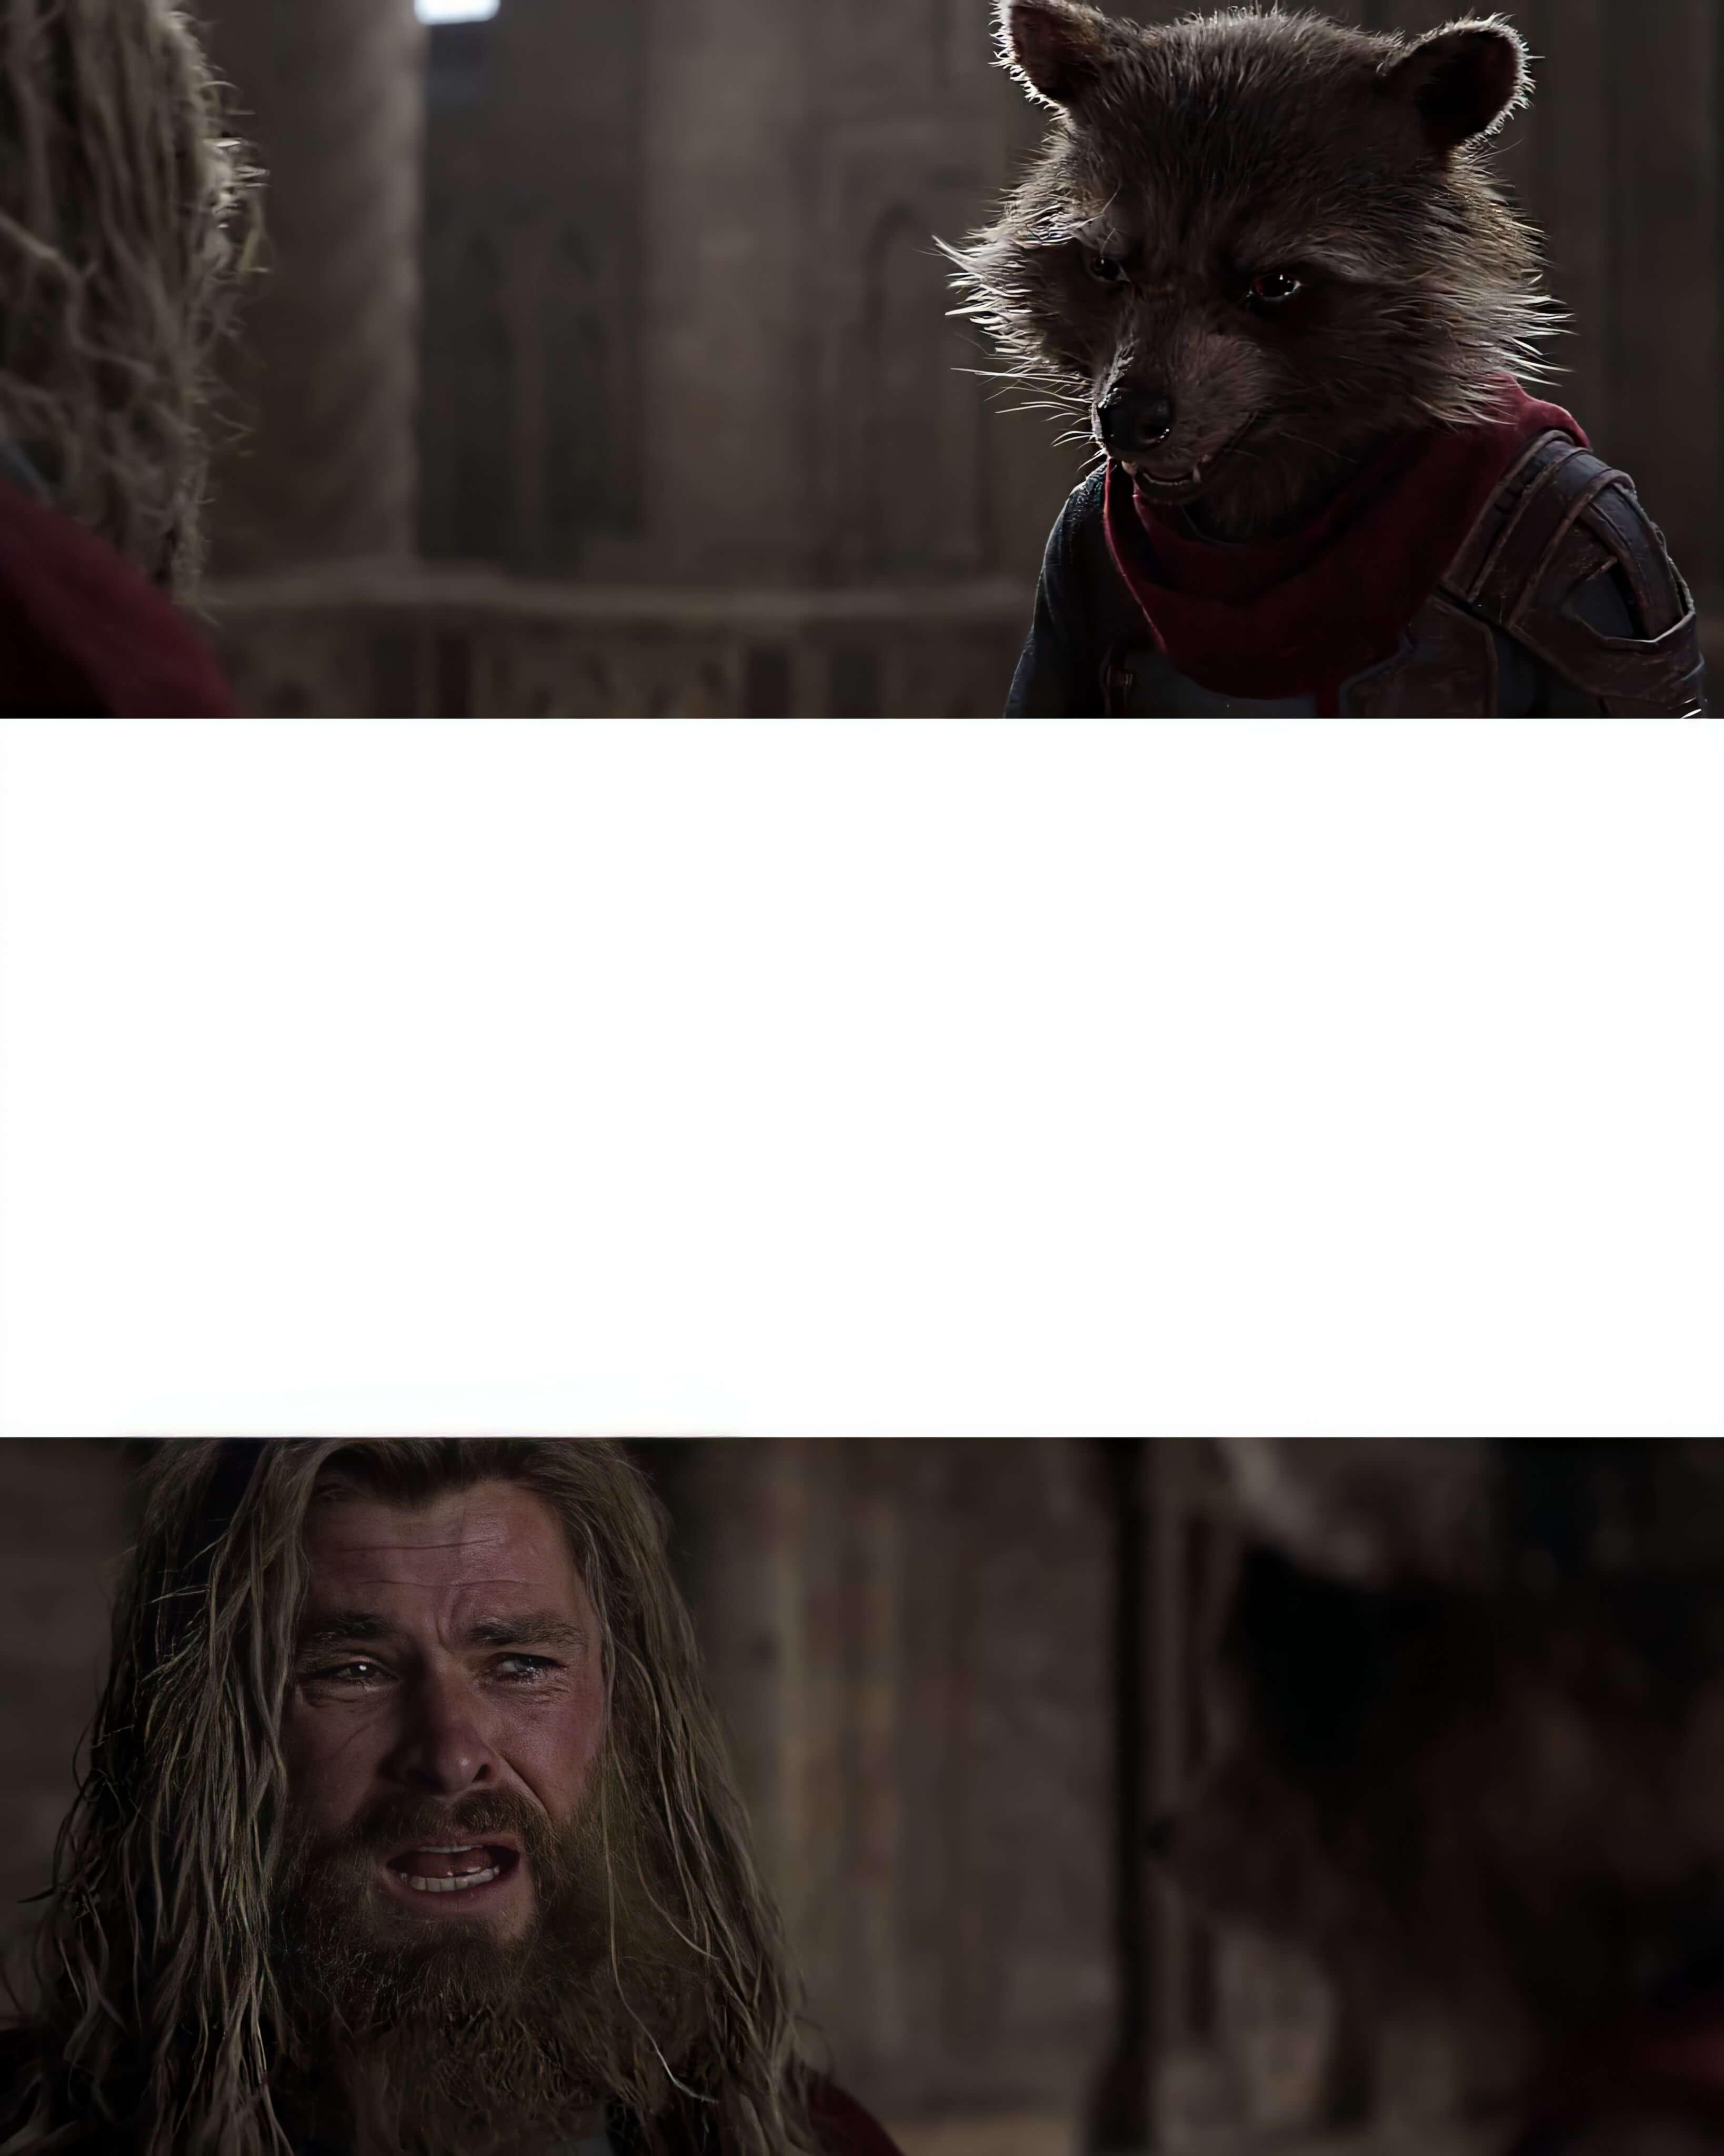 Plantilla de ¿Estás llorando? | Sí